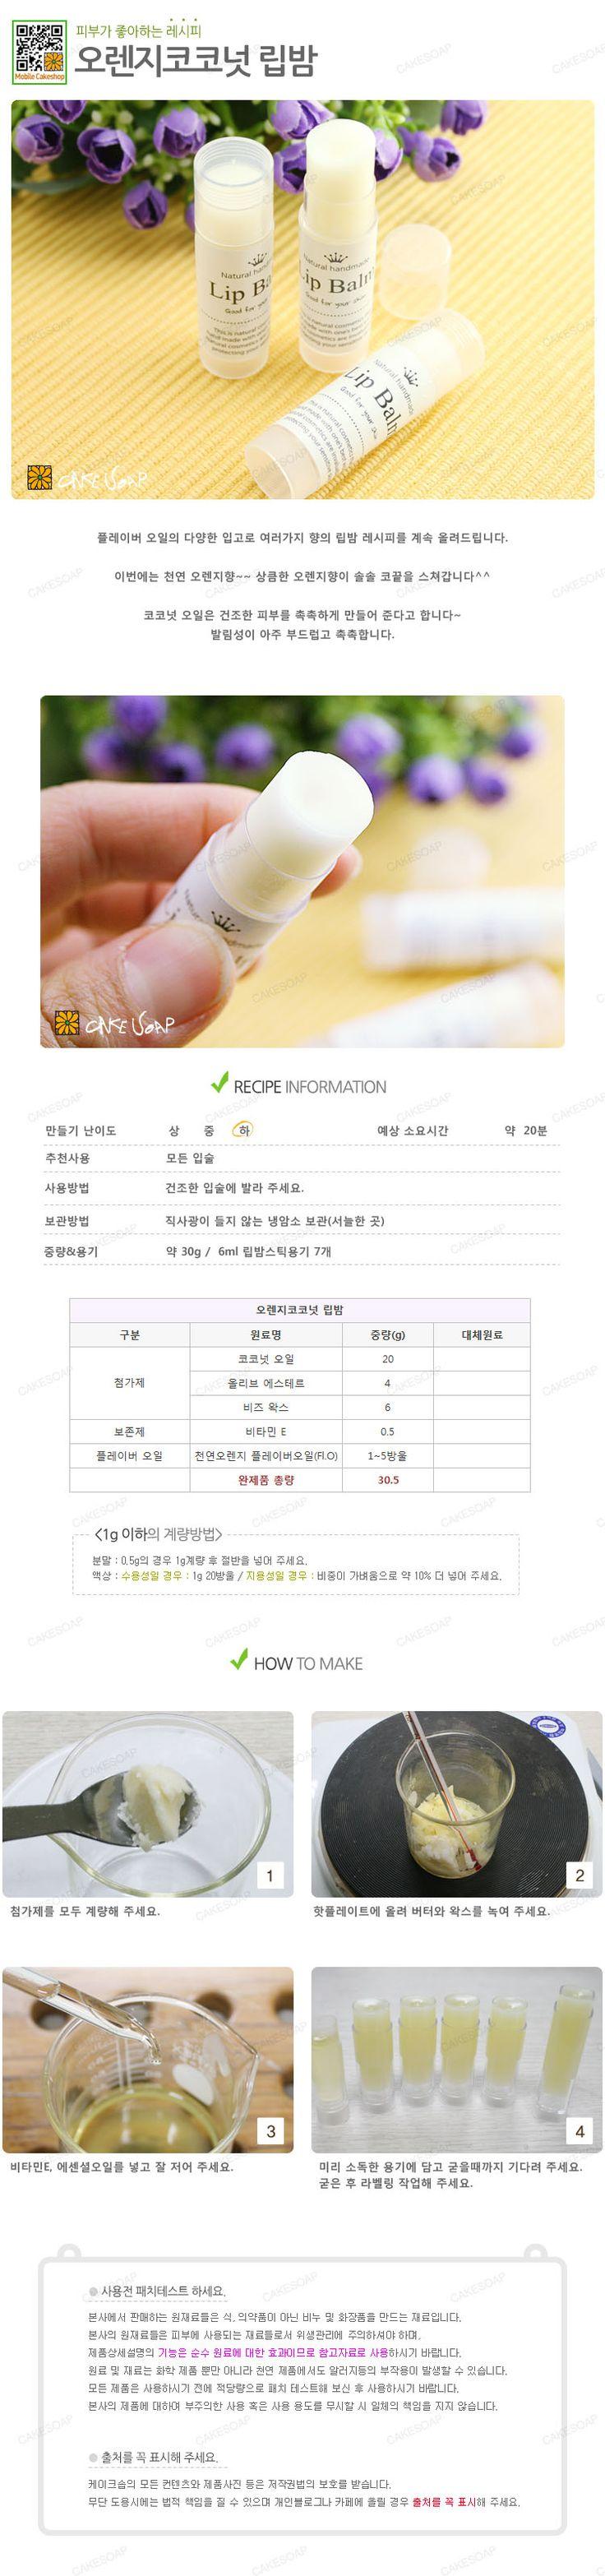 오렌지코코넛 립밤 cake soap